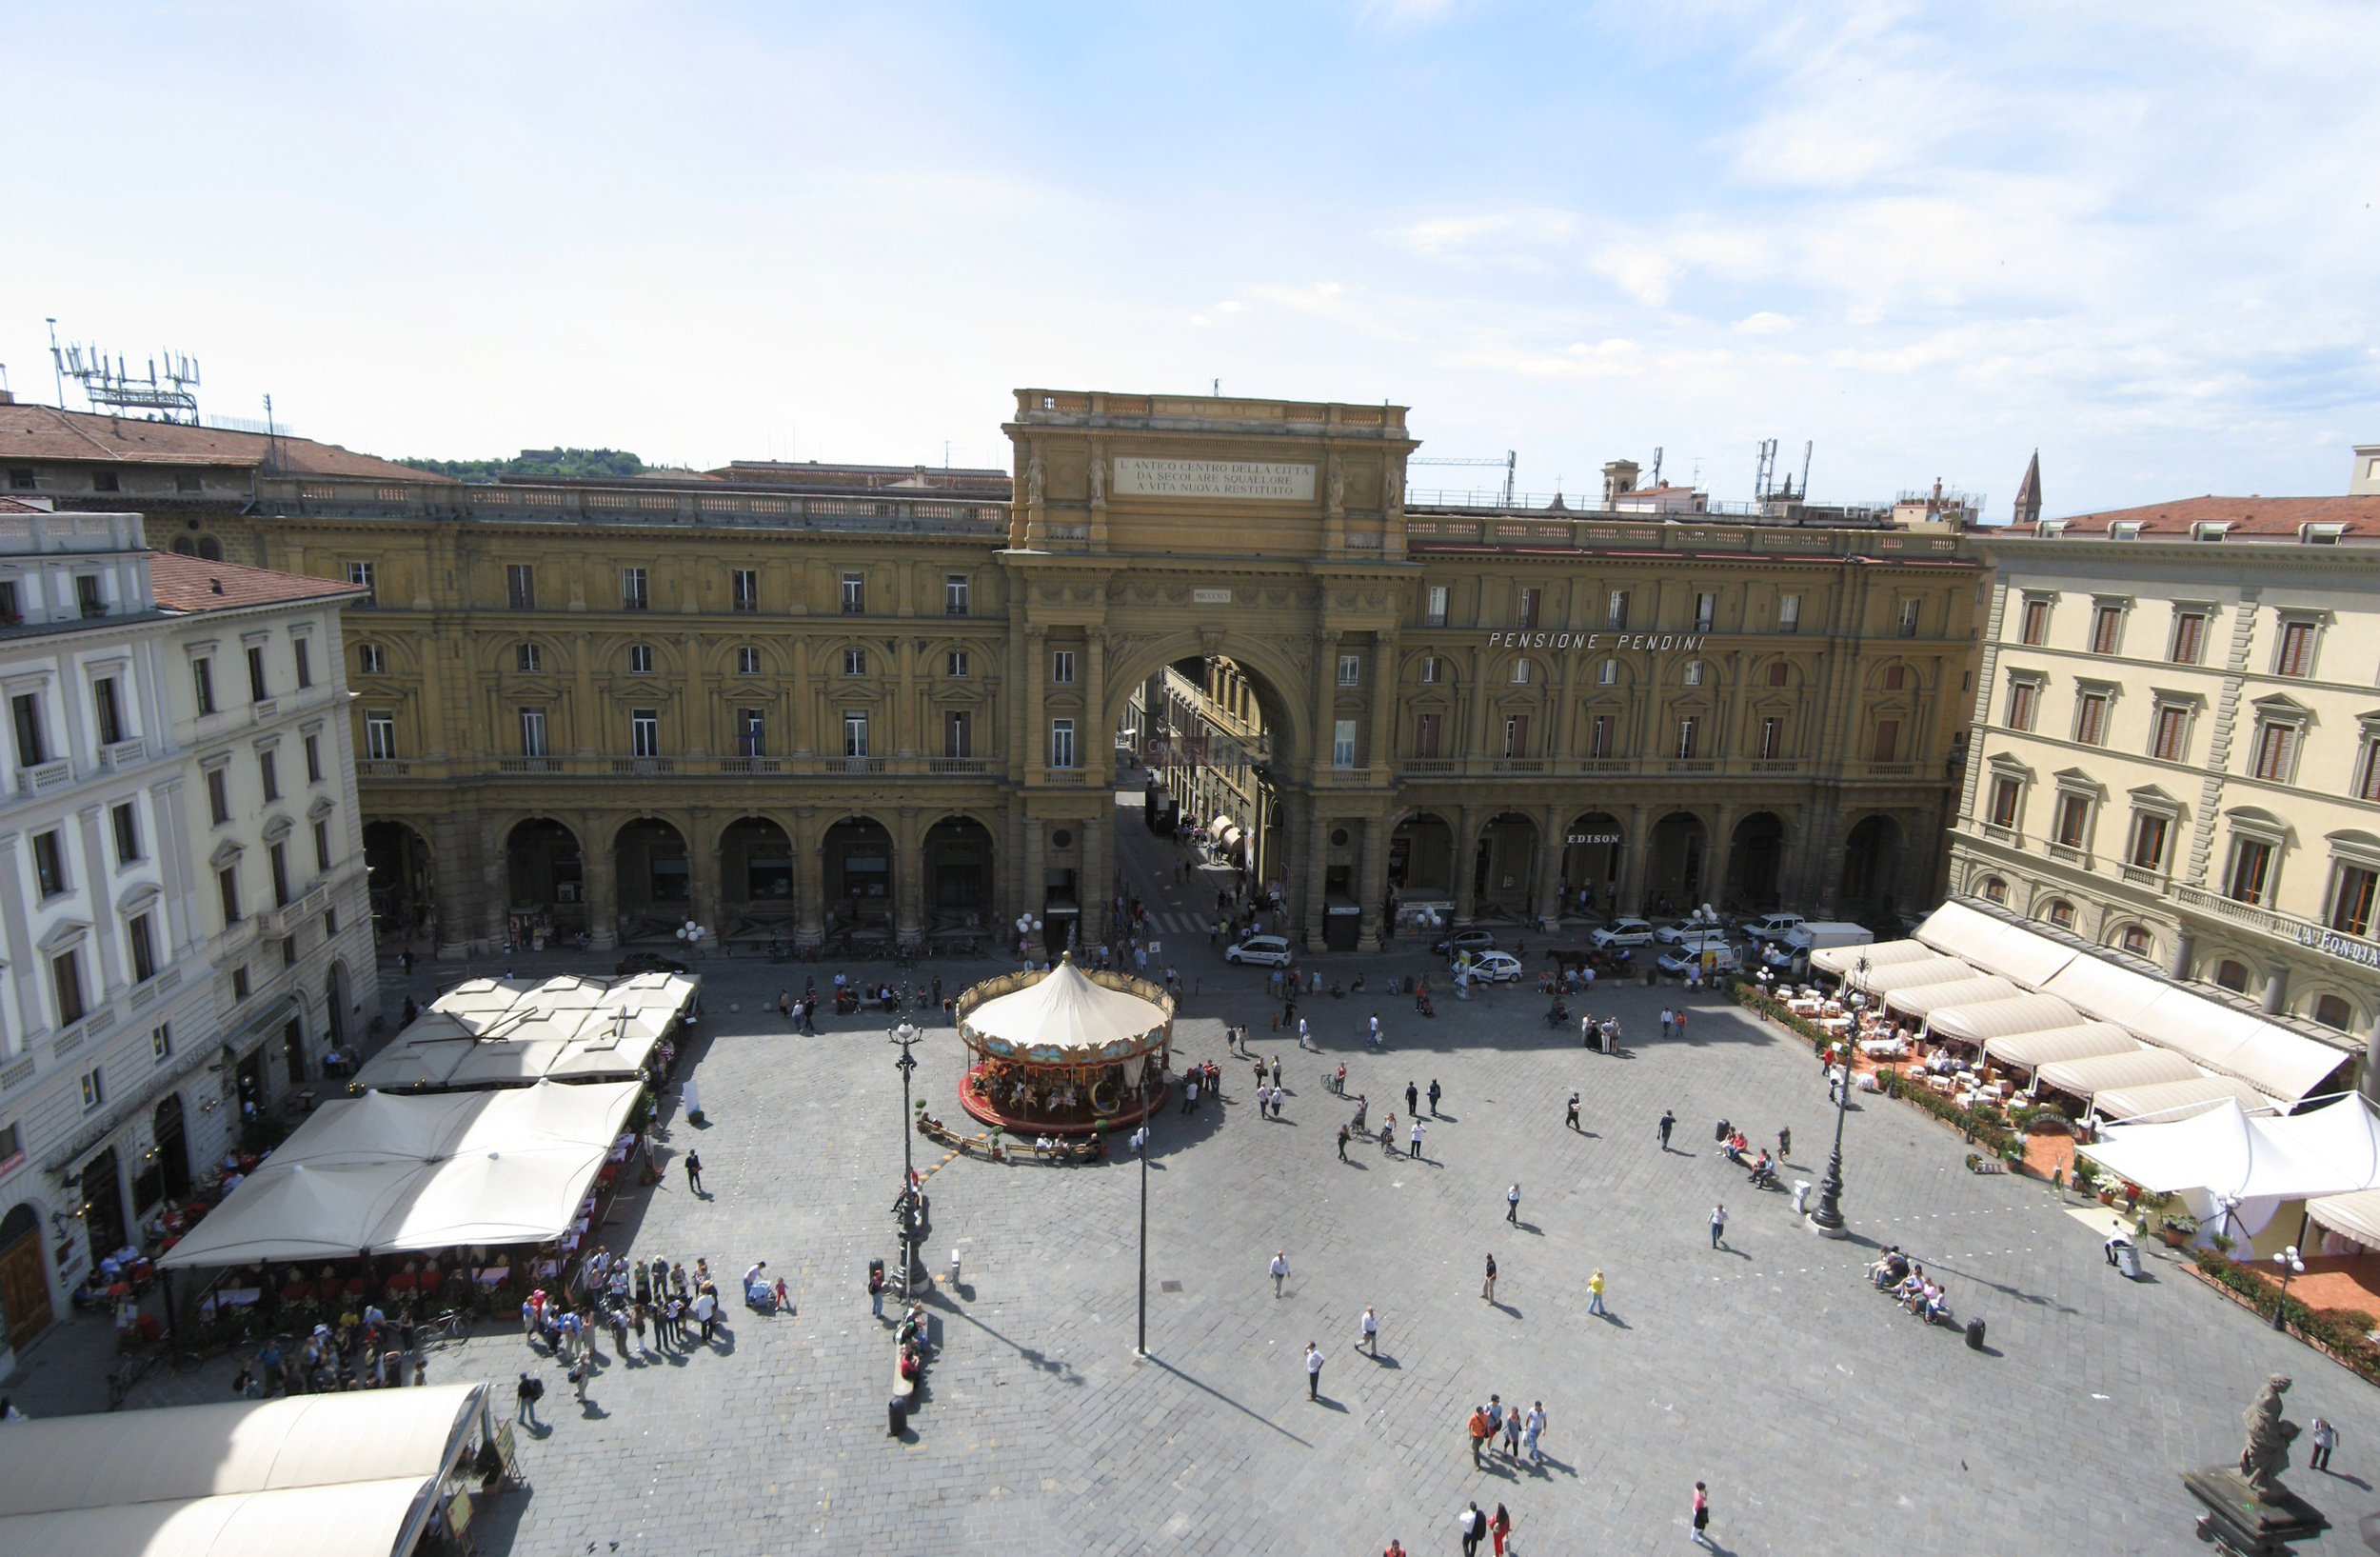 Piazza_Repubblica_Firenze_Apr_2008_(1)-Piazza_Repubblica_Firenze_Apr_2008.jpg